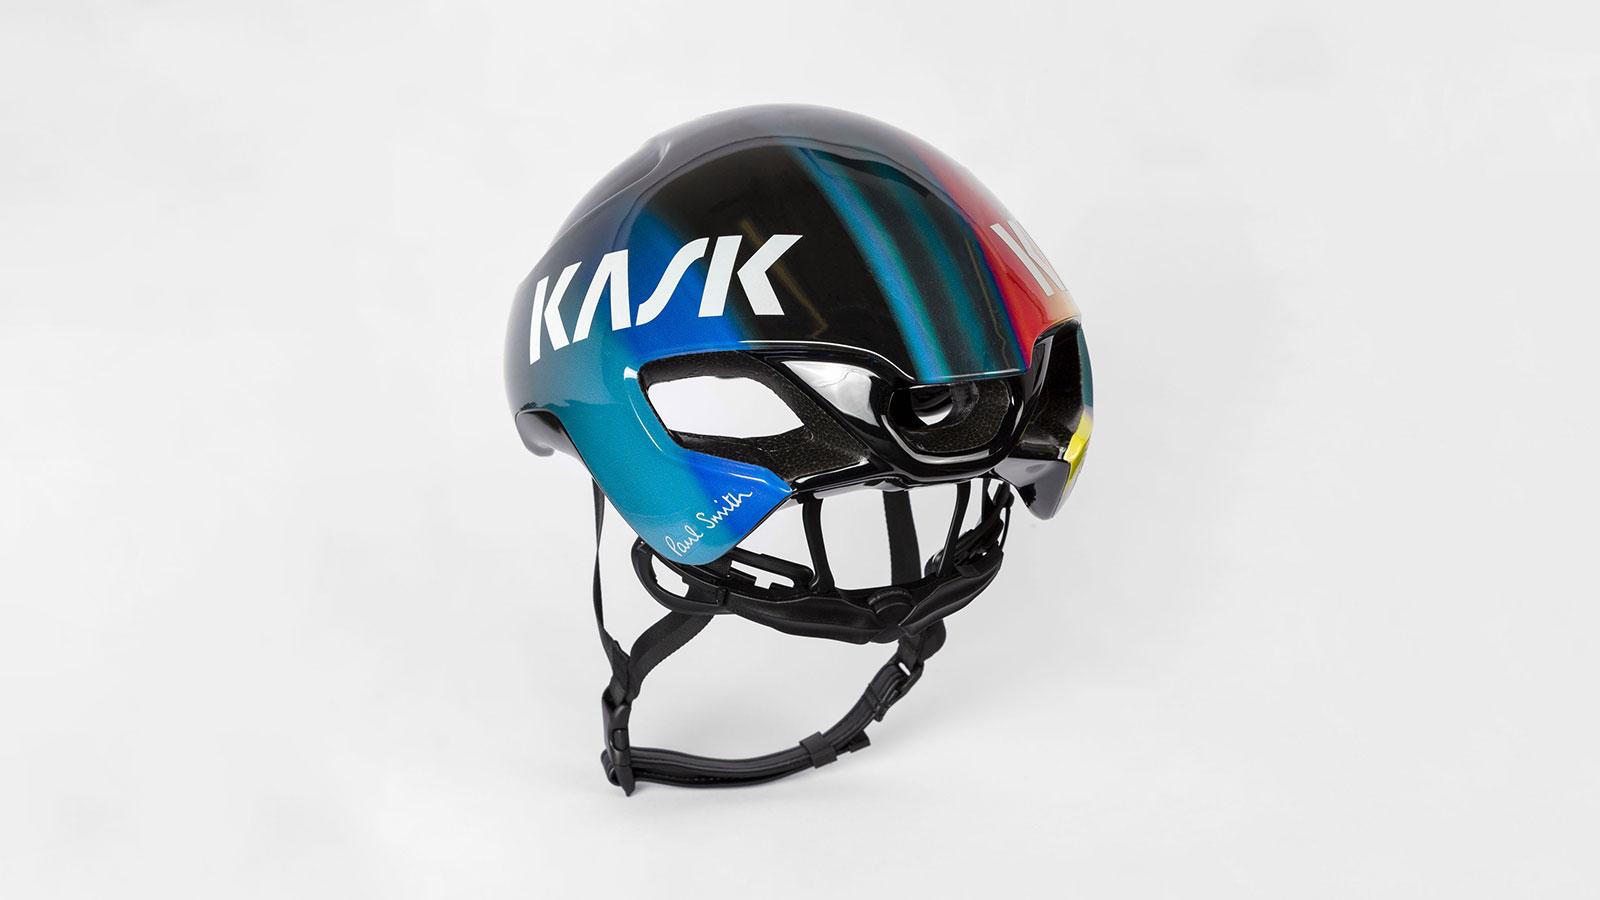 Paul Smith x Kask 'Rainbow Stripe' Utopia US Cycling Helmet